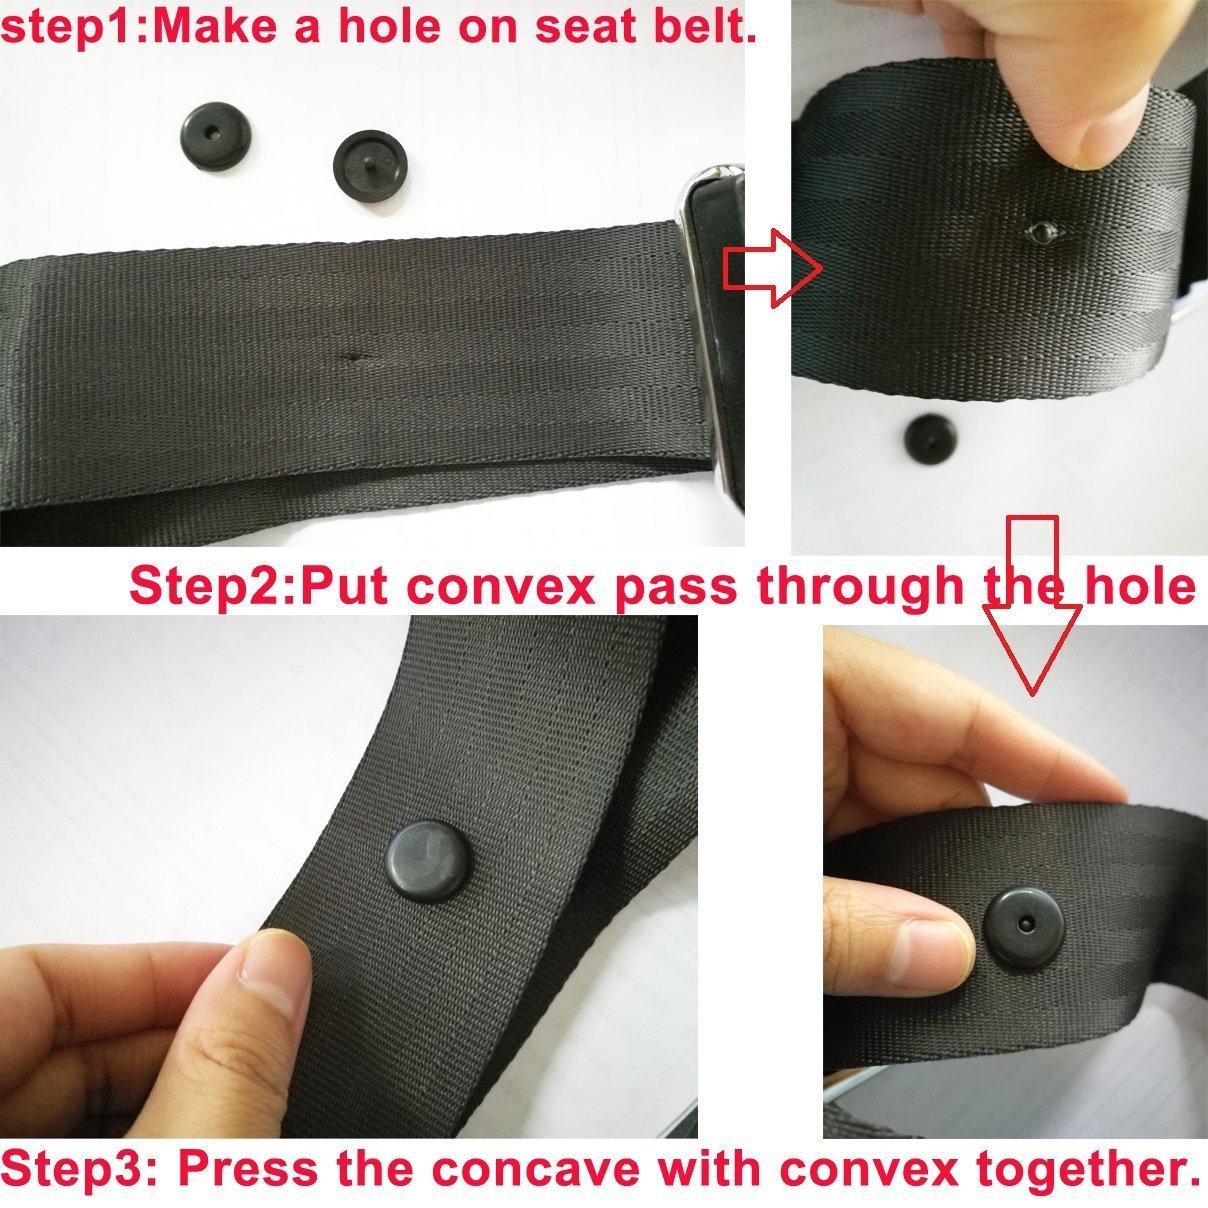 mantiene la hebilla del cintur/ón de seguridad en su lugar Holoras 8 juegos de clips de pl/ástico antideslizantes para cintur/ón de seguridad para el coche no requiere soldadura